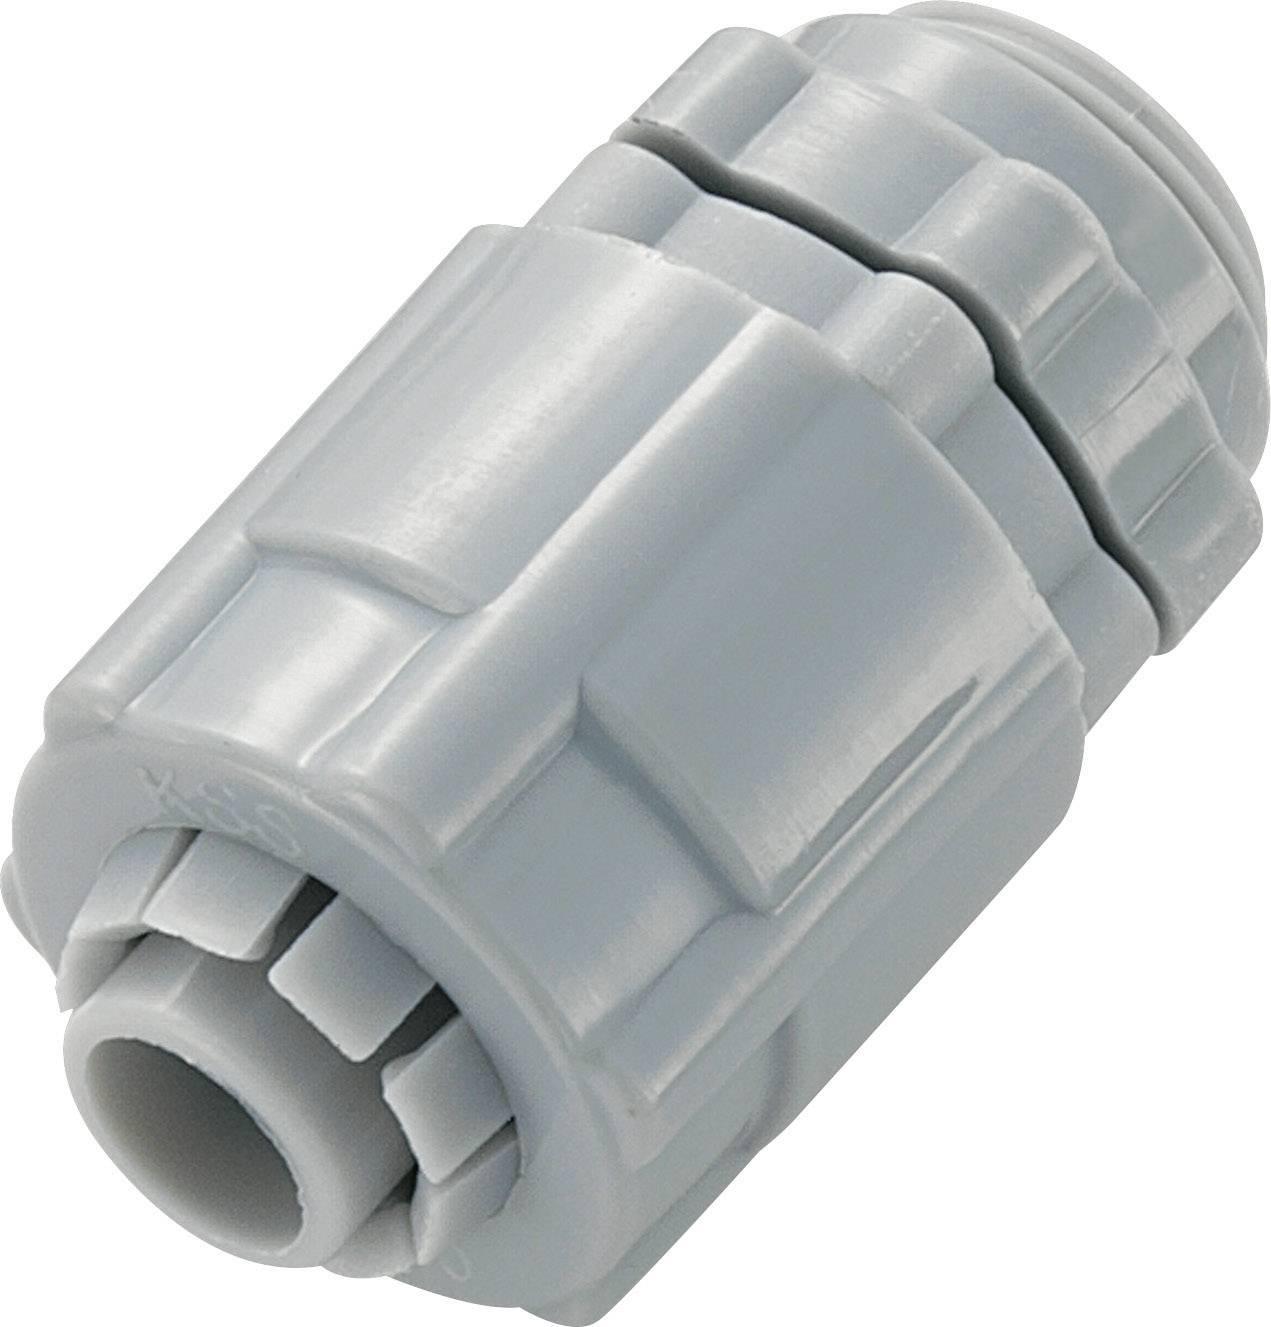 Káblové skrutkové spoje BGR10 60 05 30 KSS Množstvo: 1 ks